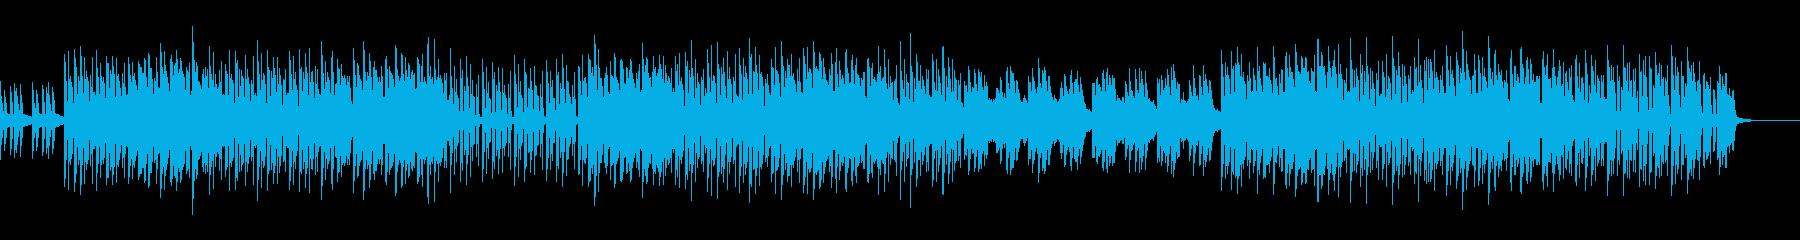 シンプルな元気の出るテクノロックBGMの再生済みの波形